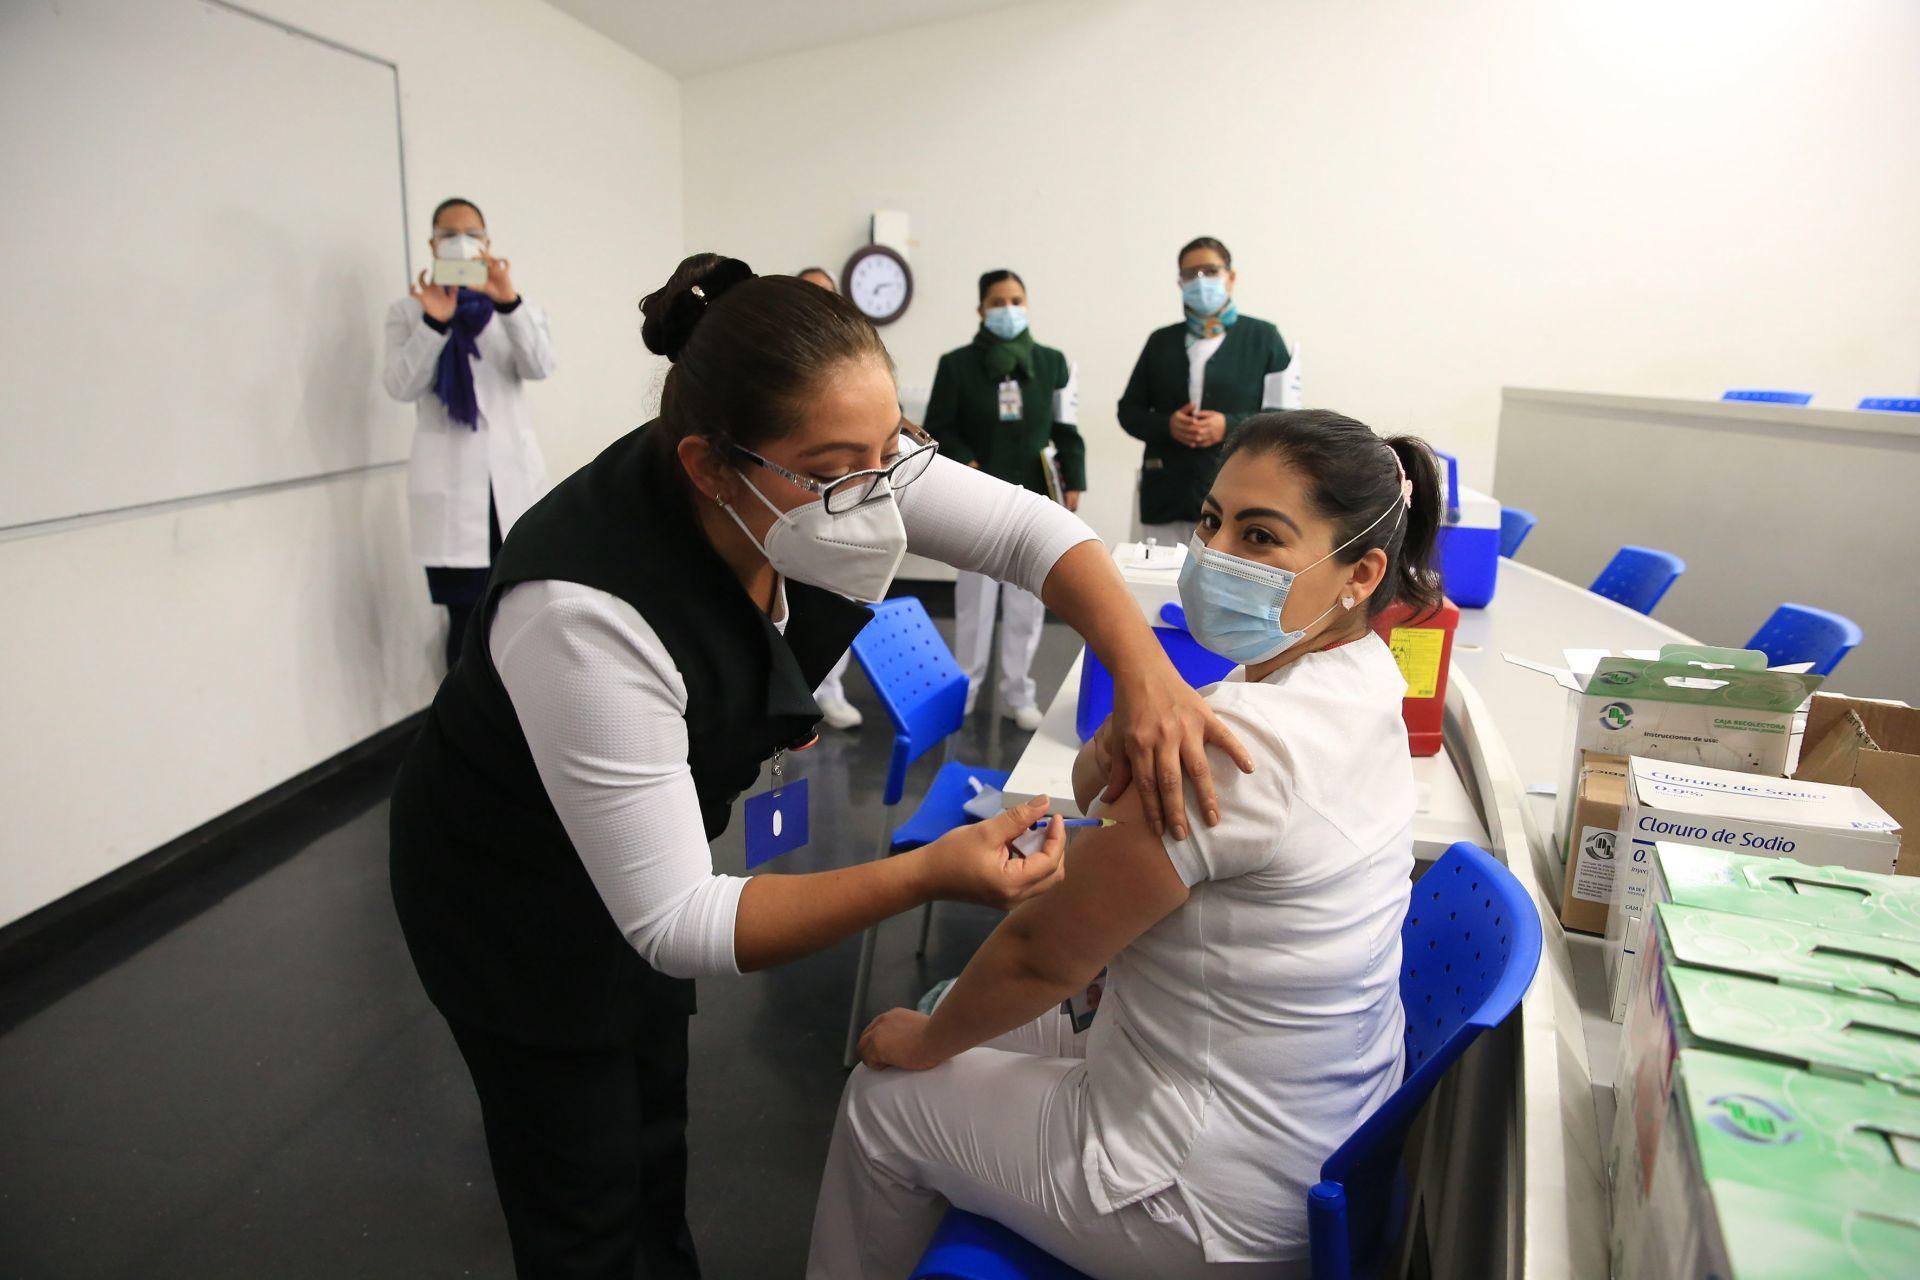 Más de 88 millones de vacunas antiCovid aplicadas en México